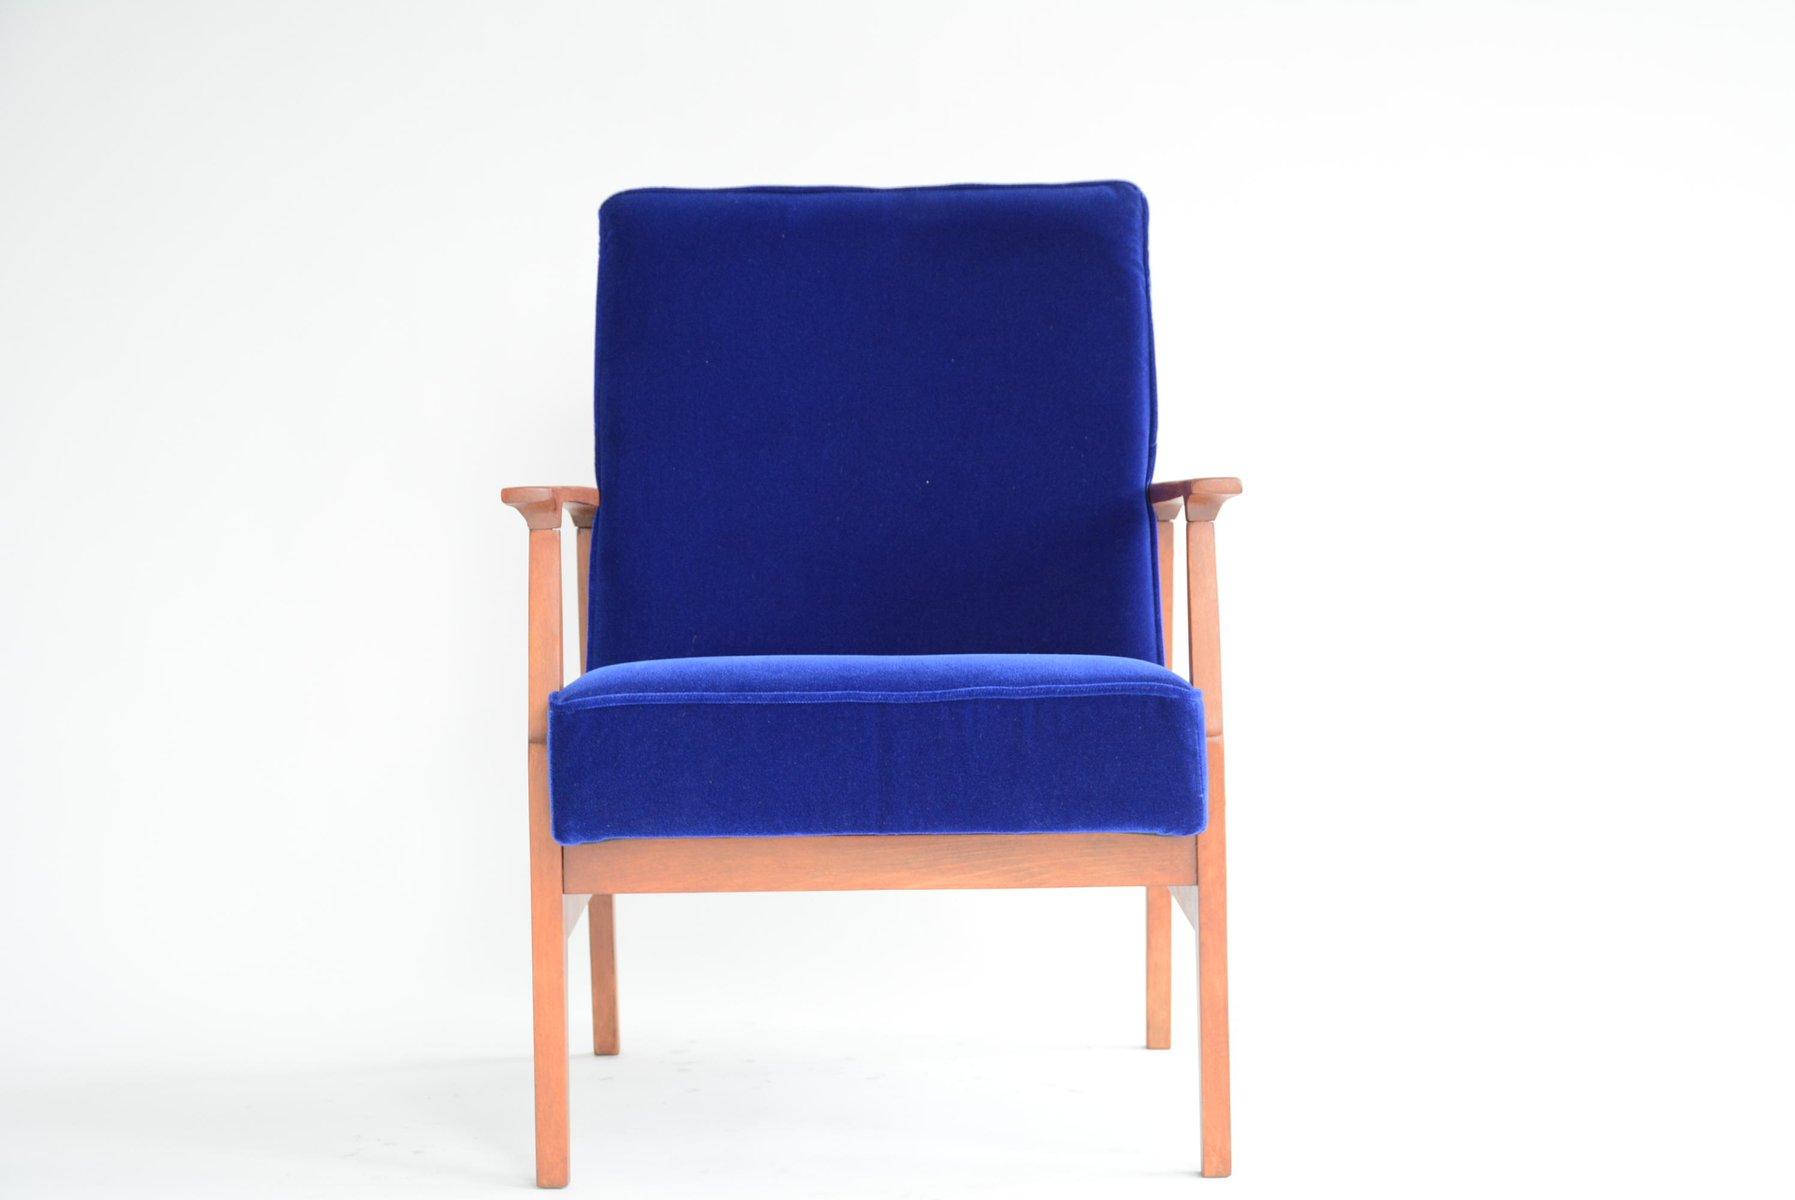 Beau Polish Blue Armchair, 1960s